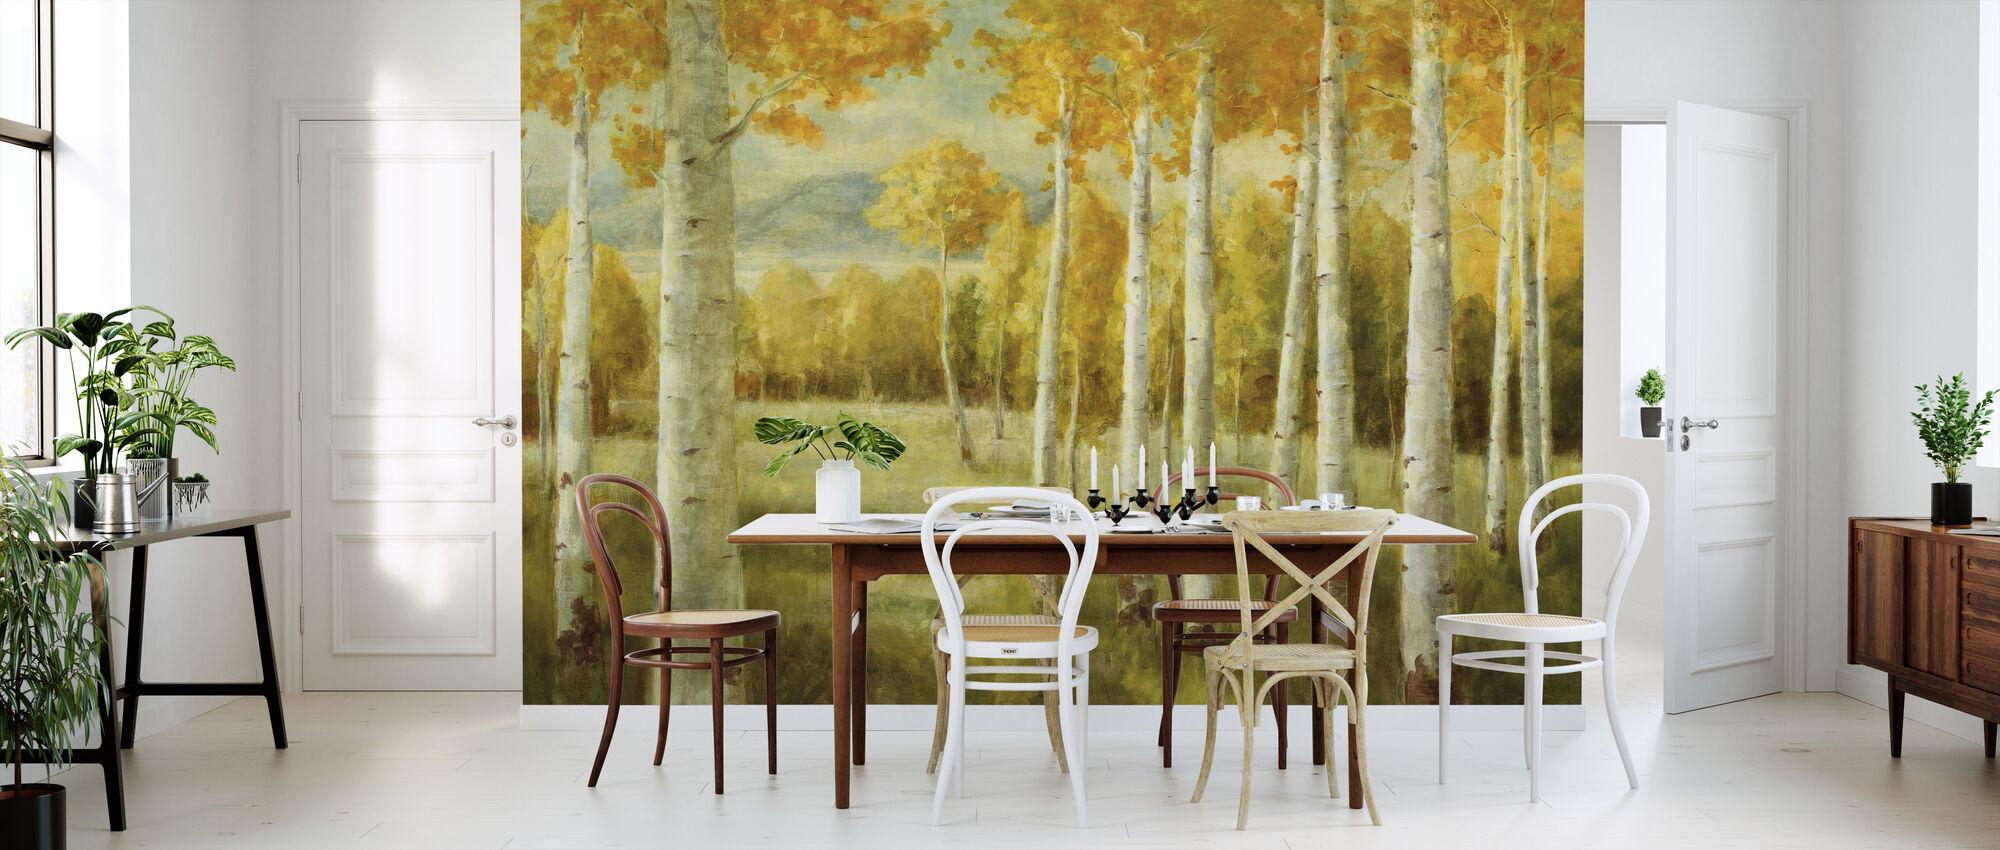 Aspen Birches - Wallpaper - Kitchen